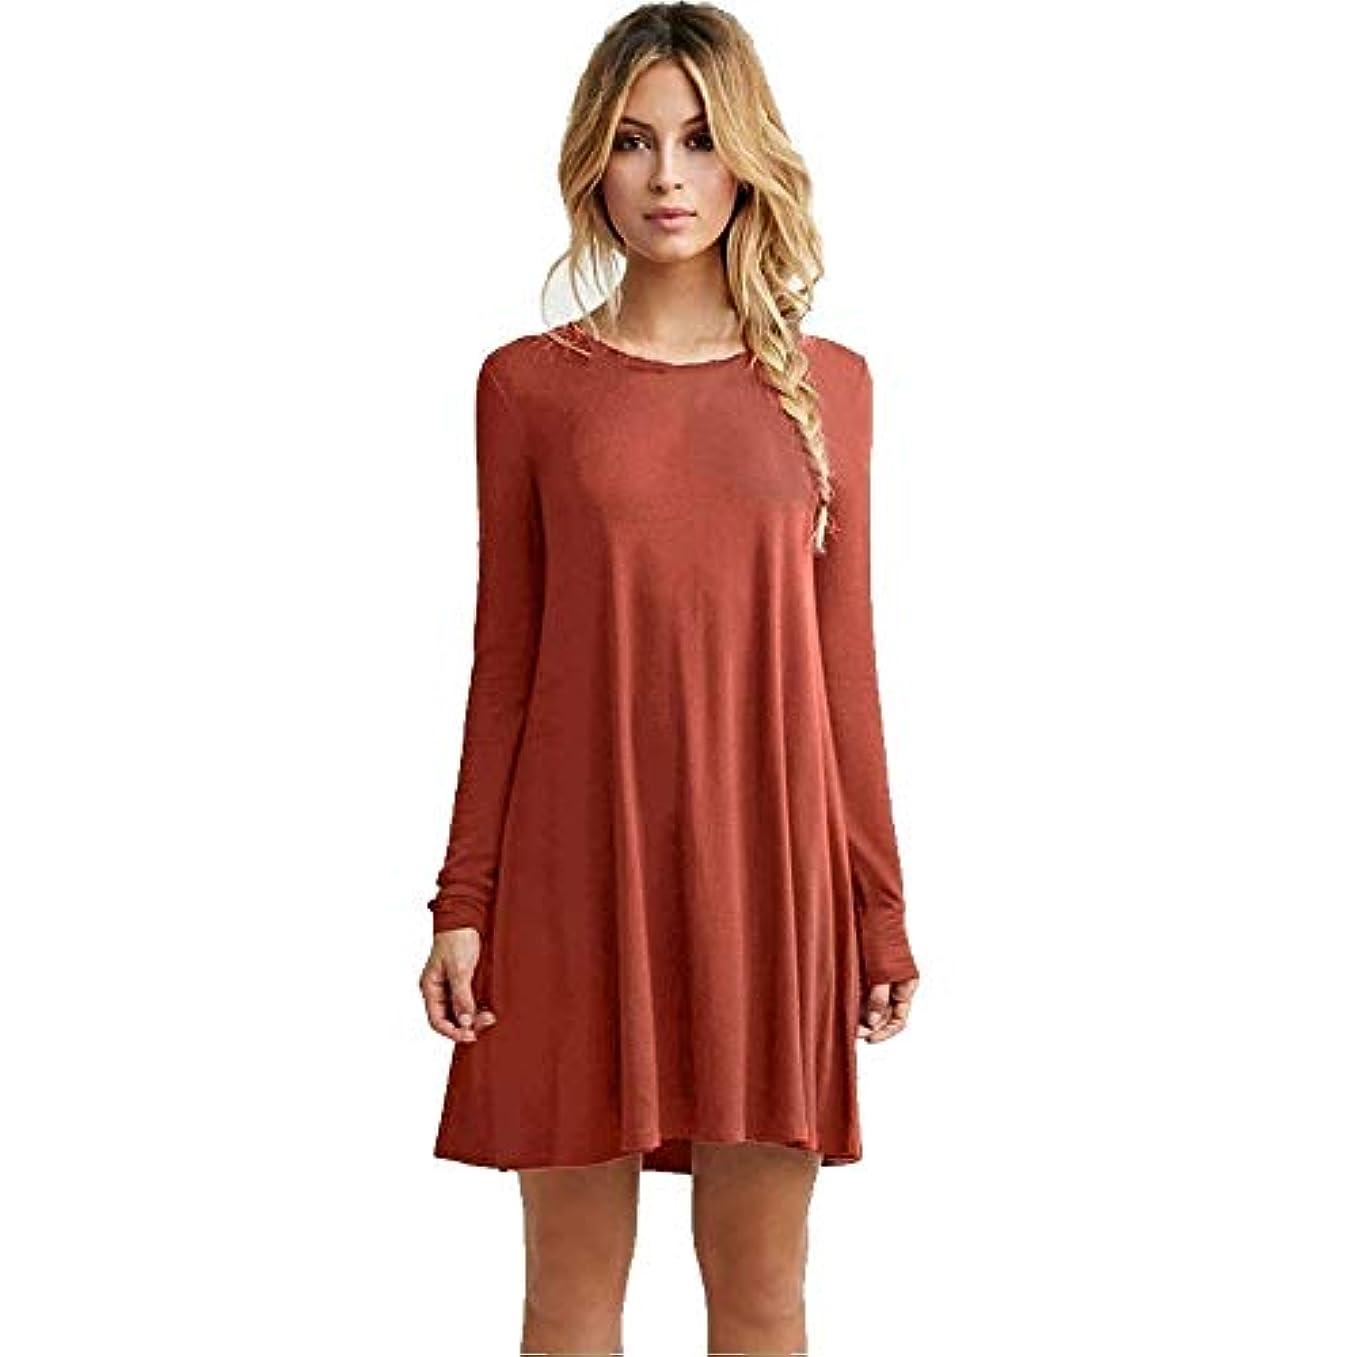 逃す有彩色のグリップMIFANルースドレス、プラスサイズのドレス、長袖のドレス、女性のドレス、秋のドレス、マキシドレス、コットンドレス